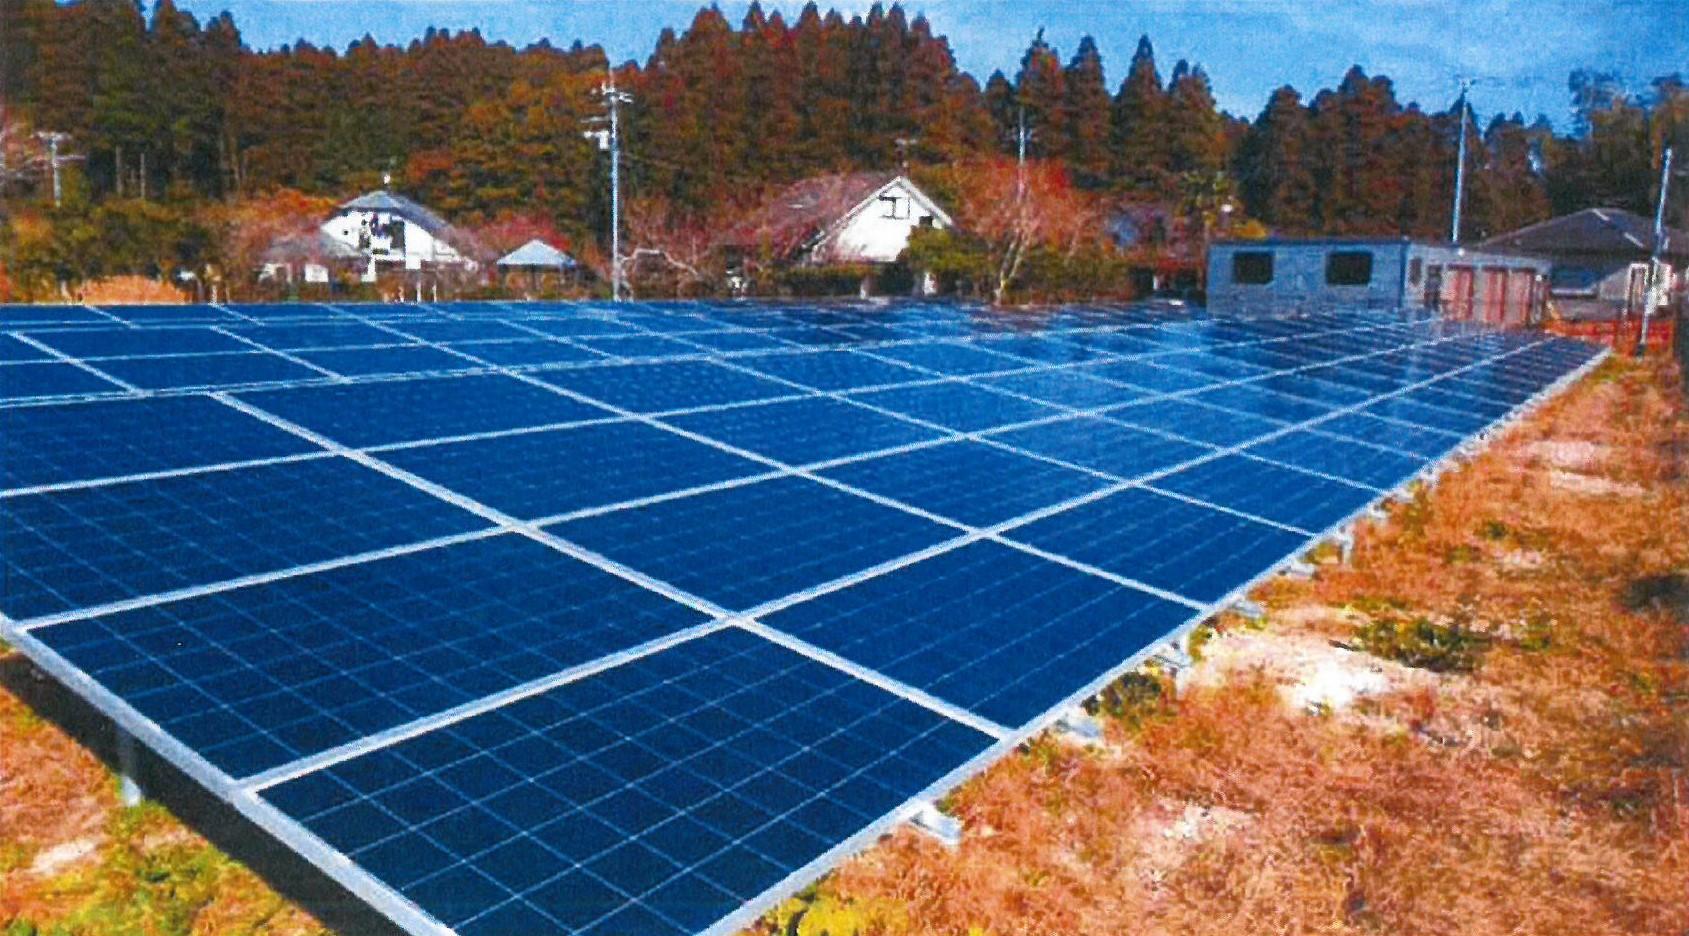 収益物件利回り10.5% 千葉県いすみ市  太陽光発電設備及び土地の売却 売電単価34.56円/KWh